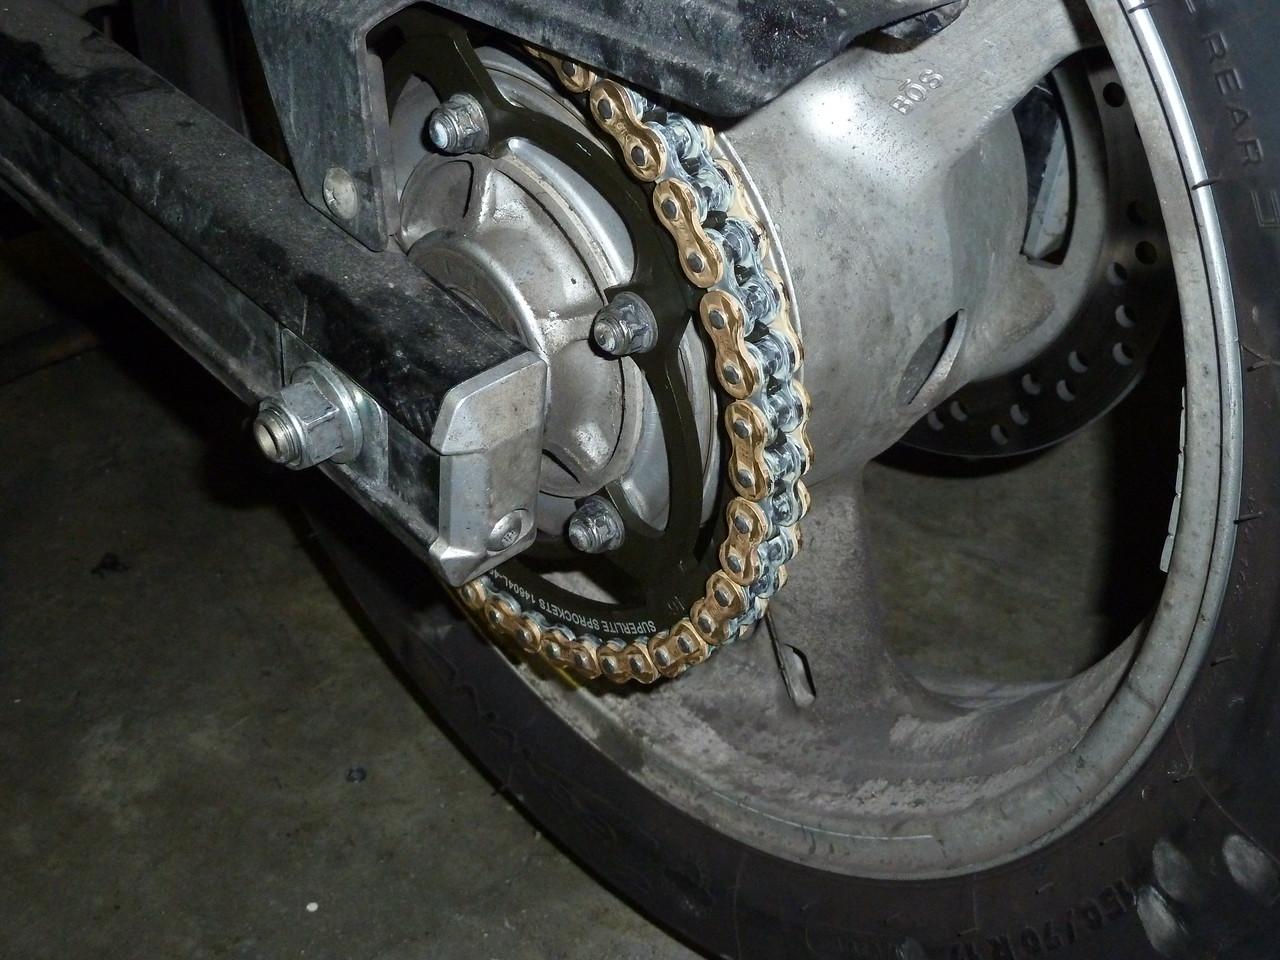 rear wheel, sprocket, chain.